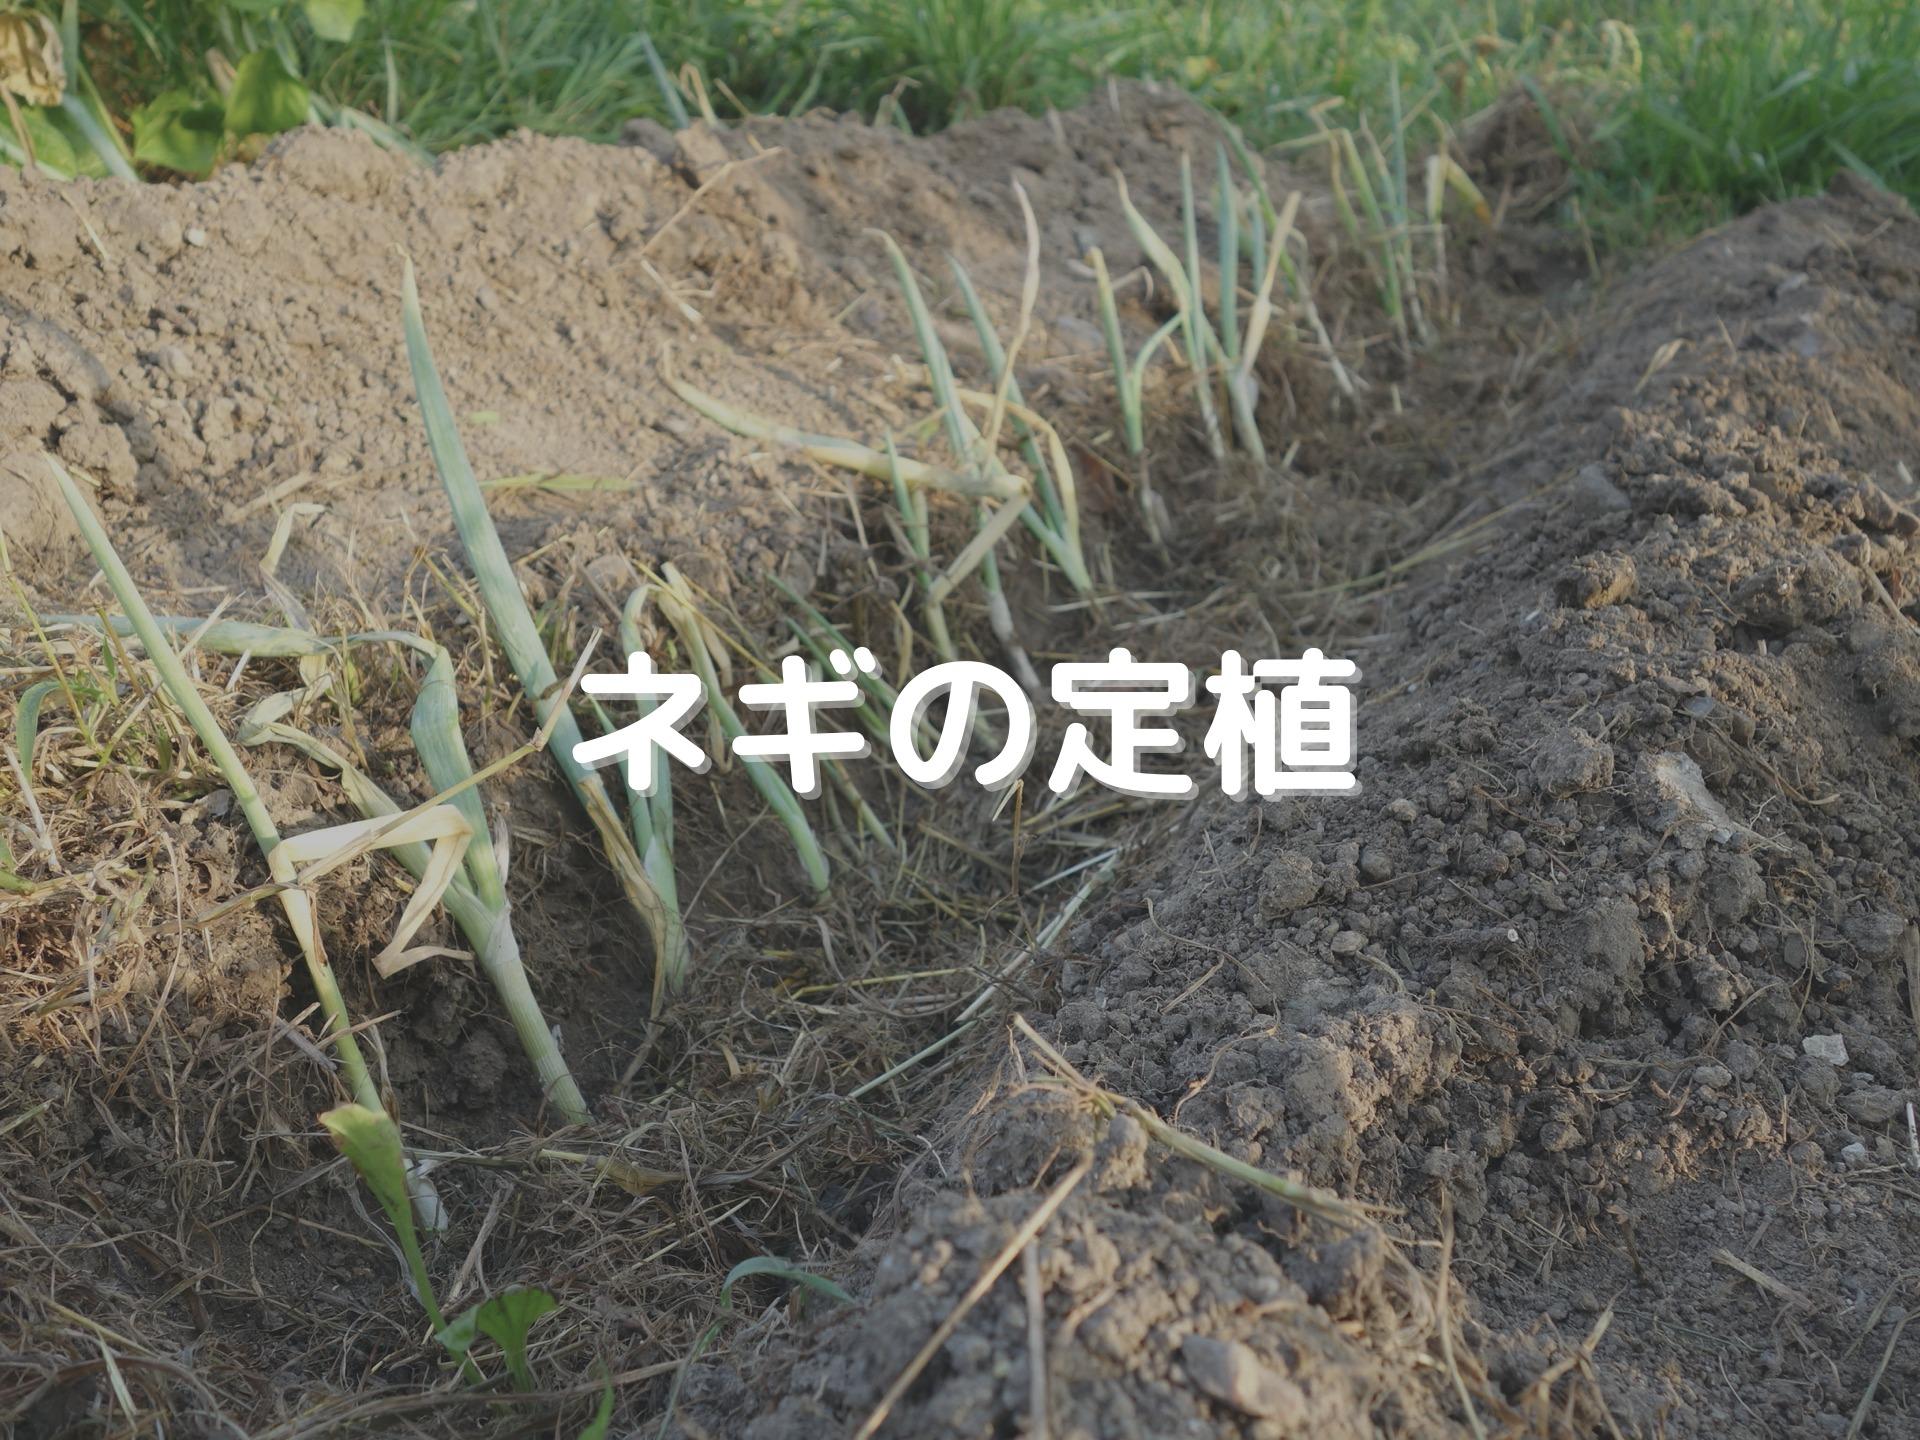 ネギの定植について